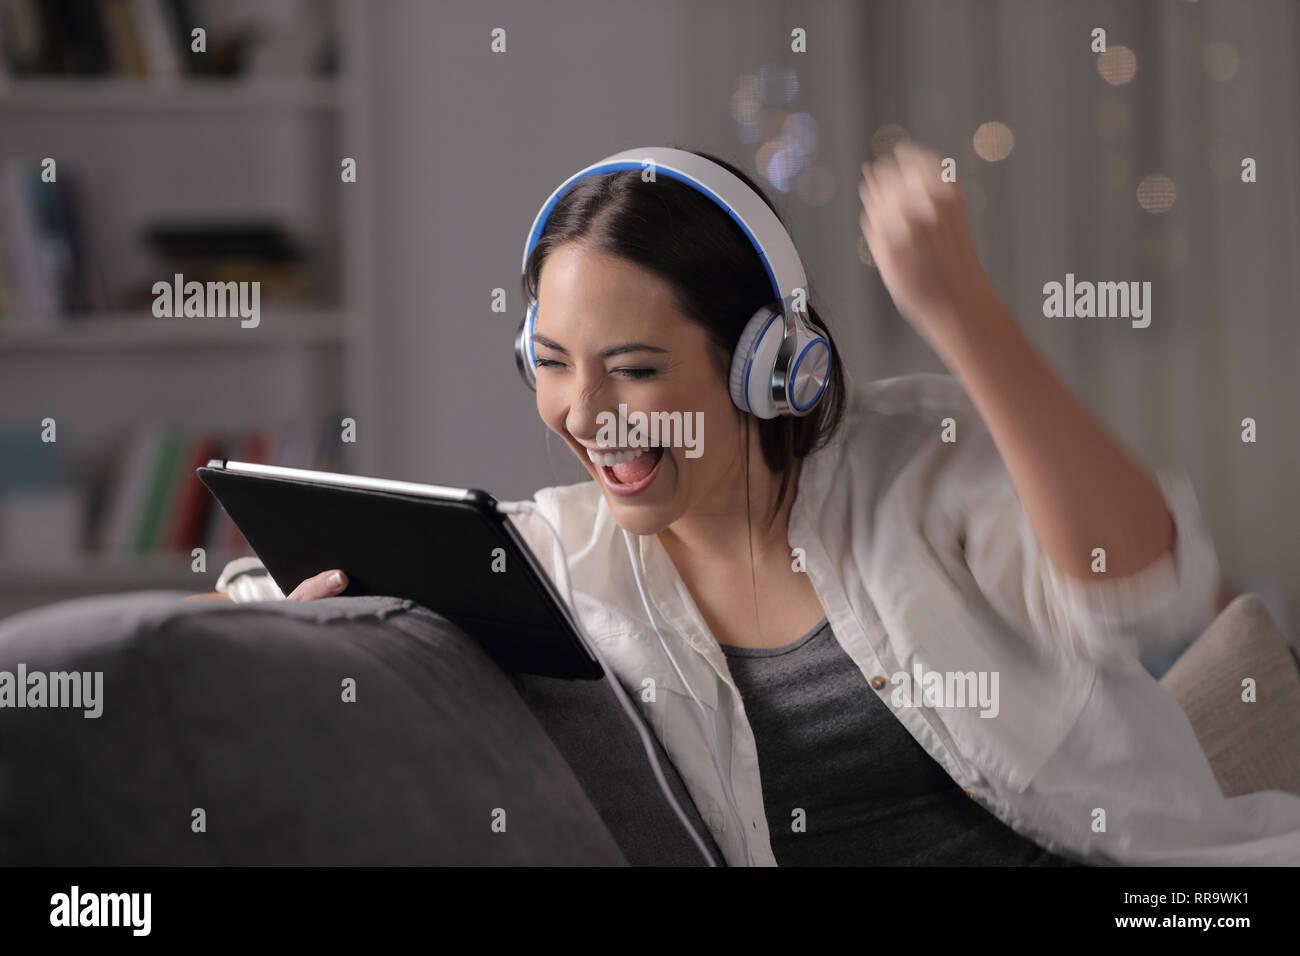 Excited woman écoute et regarde media sur tablet assis sur un canapé dans la nuit à la maison Banque D'Images